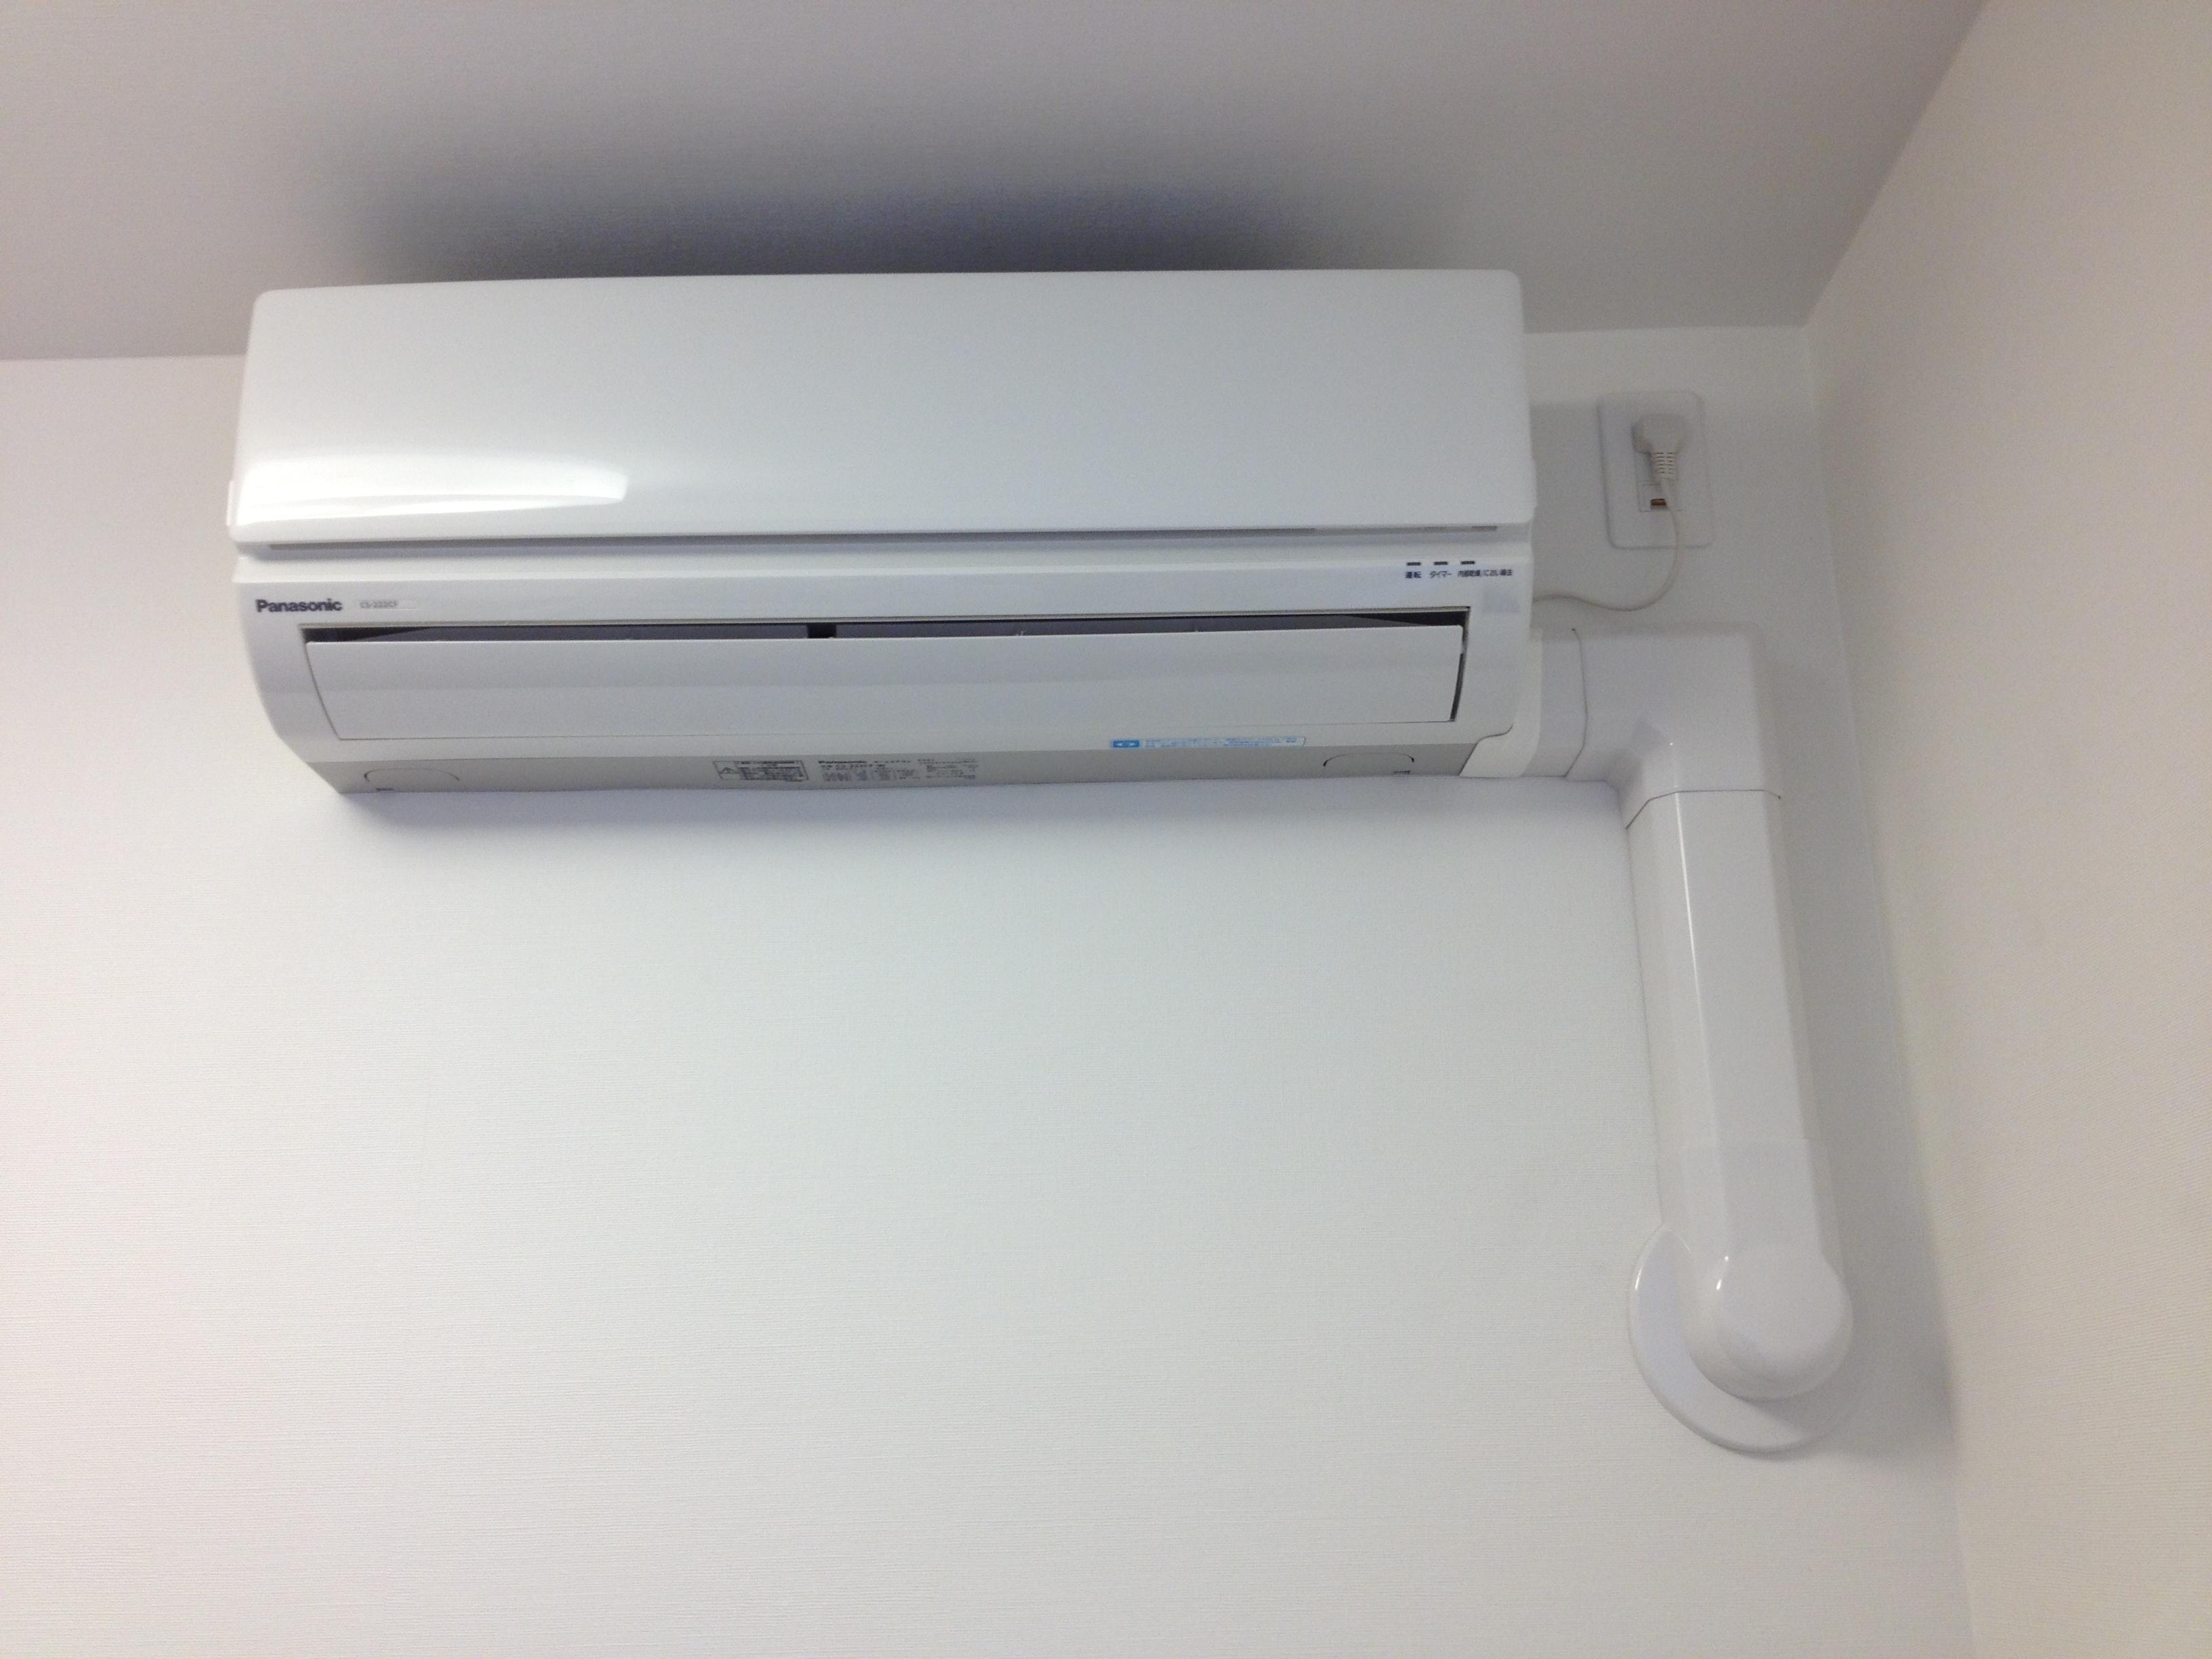 最新のおすすめエアコンの選び方のポイントを紹介いたします。のサムネイル画像